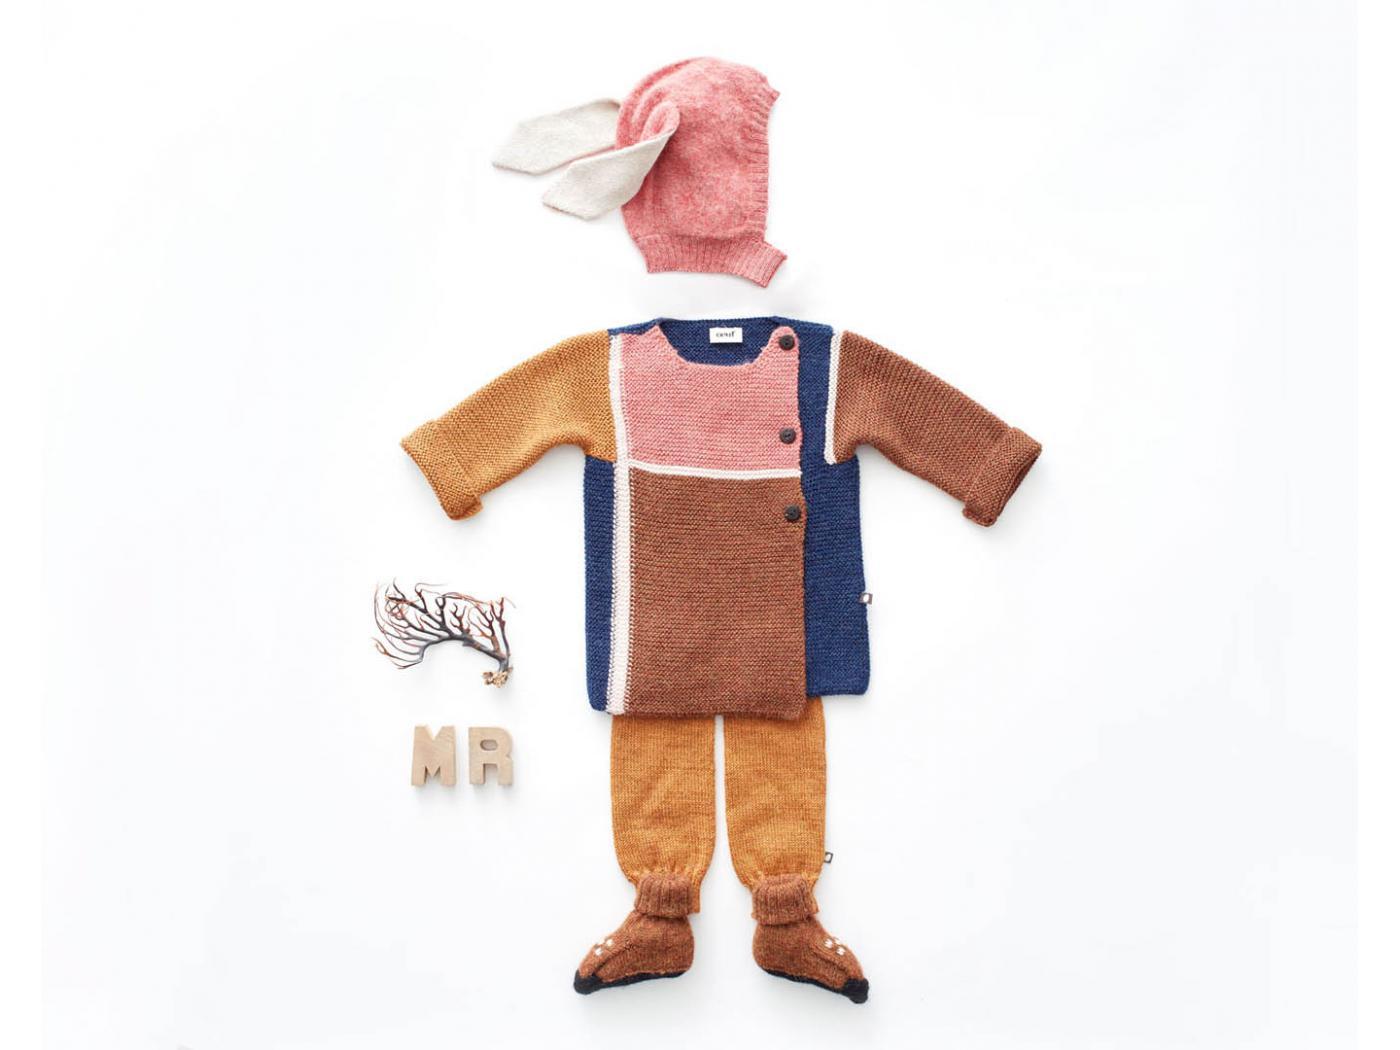 Oeuf Baby Clothes Cagoule Rose Lapin En Alpaga 6 12m